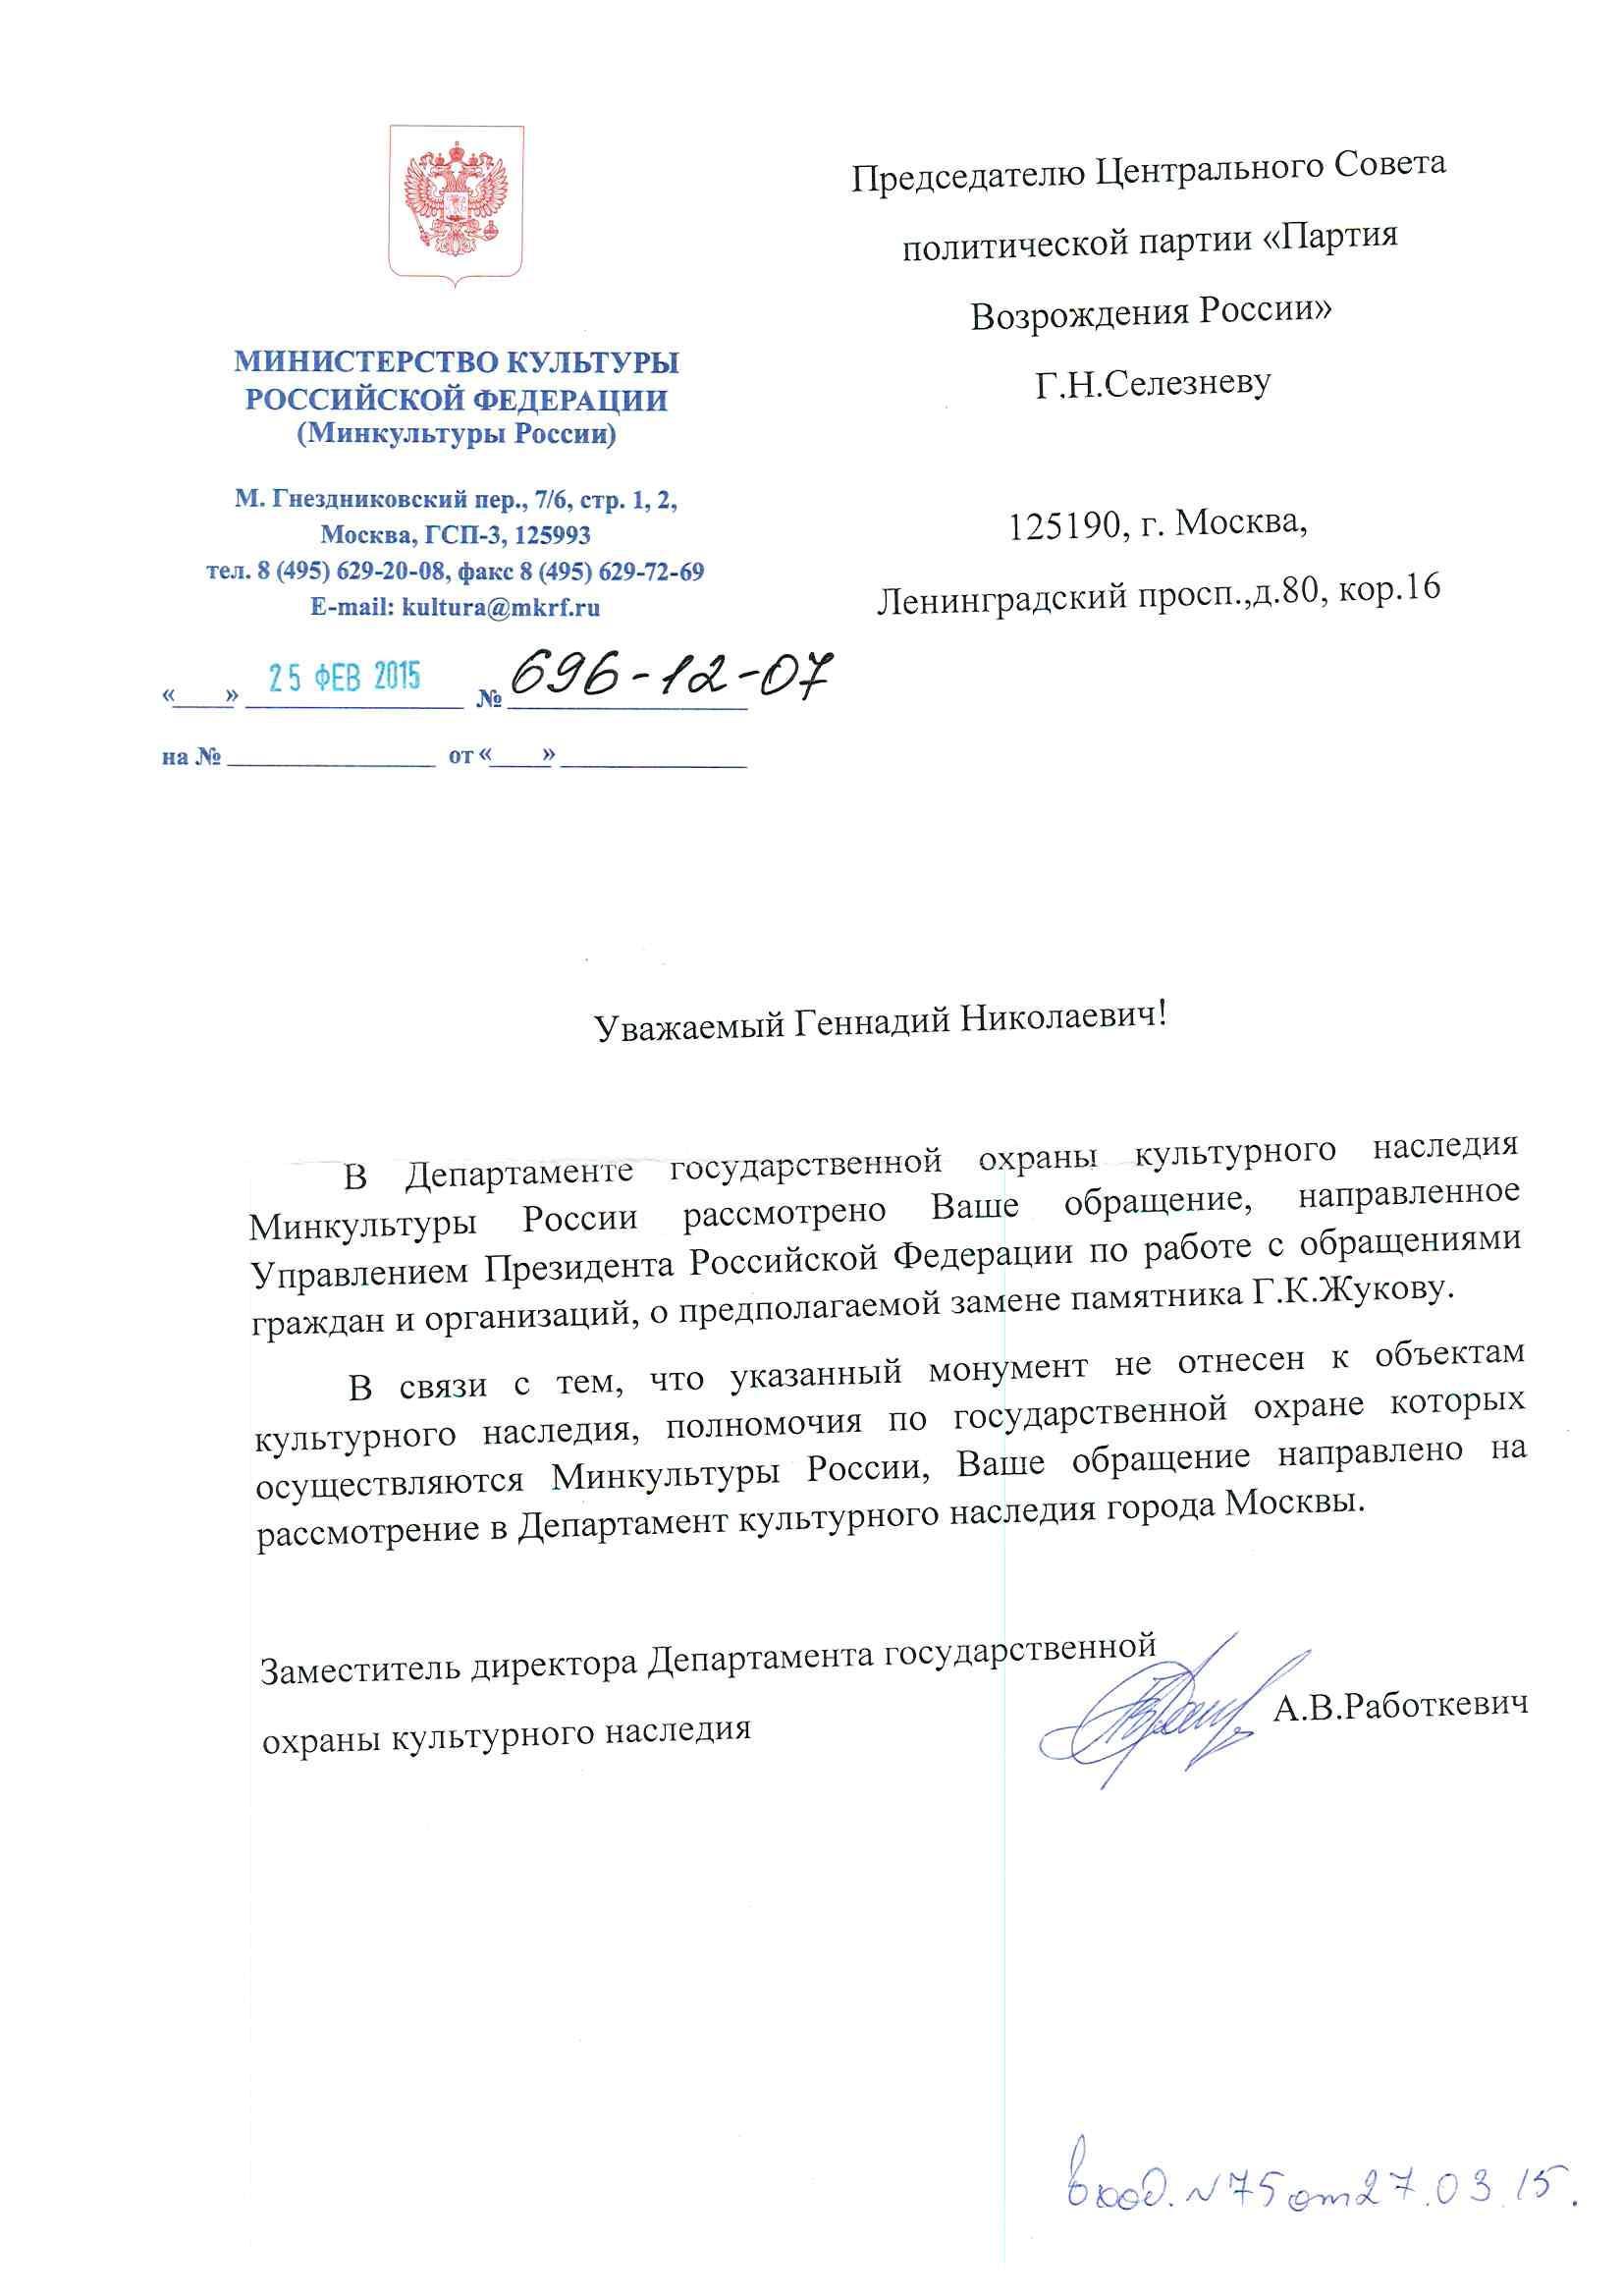 вход. 75 от 27.03.15 ответ по Жукову от Мин.культуры